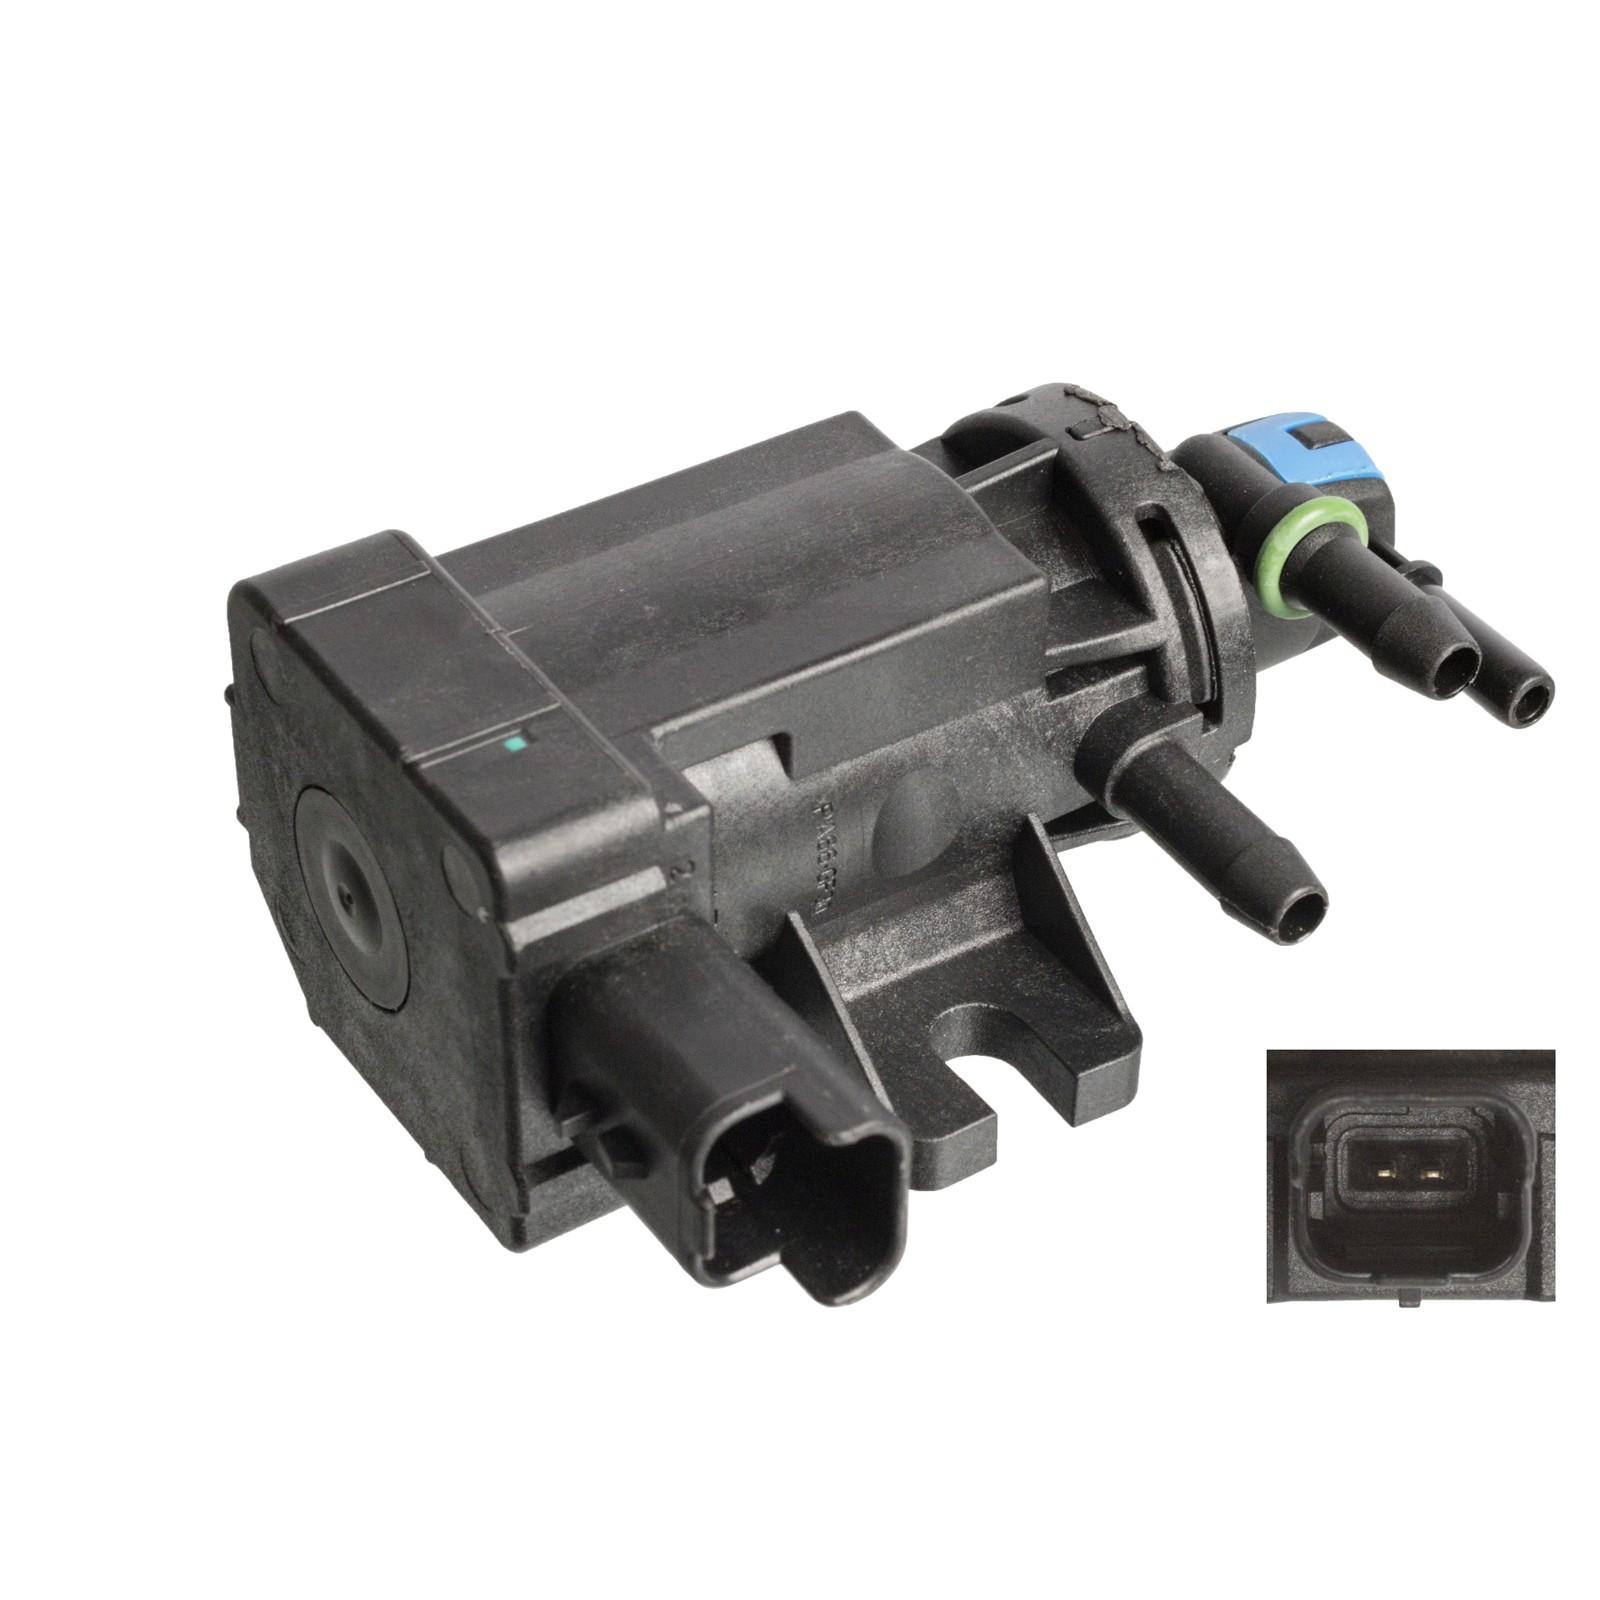 FEBI 108712 Druckwandler Magnetventil Abgassteuerung FIAT FORD CITROEN PEUGEOT 308 508 807